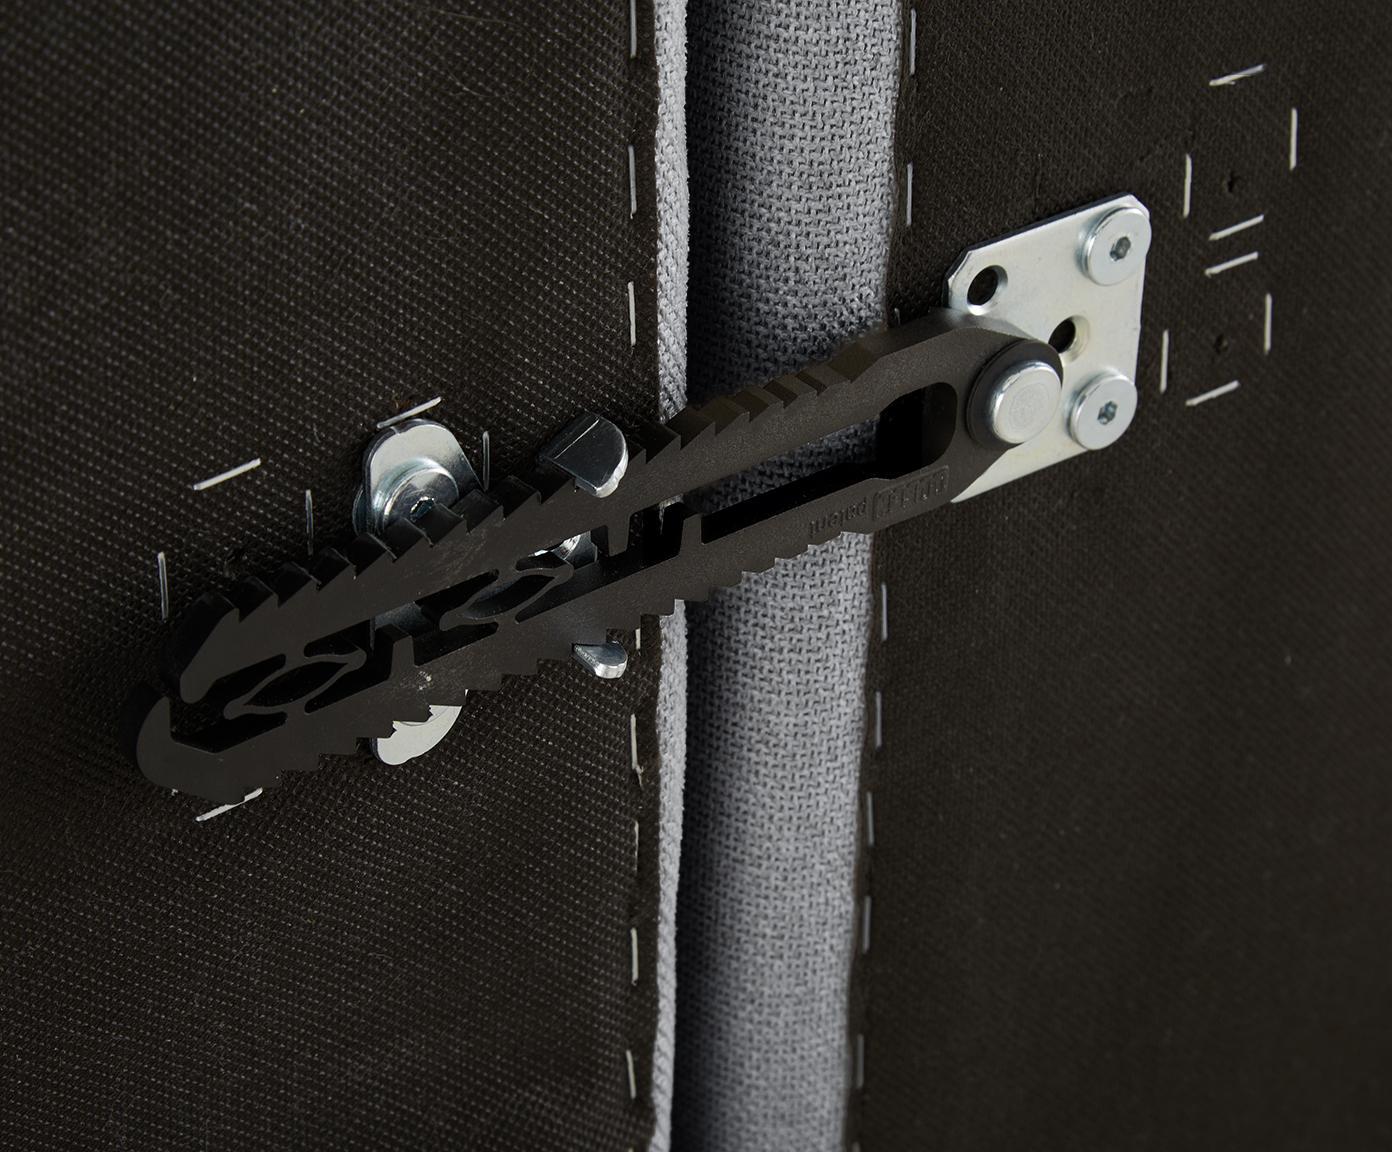 Modulaire XL chaise longue Lennon, Bekleding: polyester, Frame: massief grenenhout, multi, Poten: kunststof, Lichtgrijs, B 357 x D 119 cm